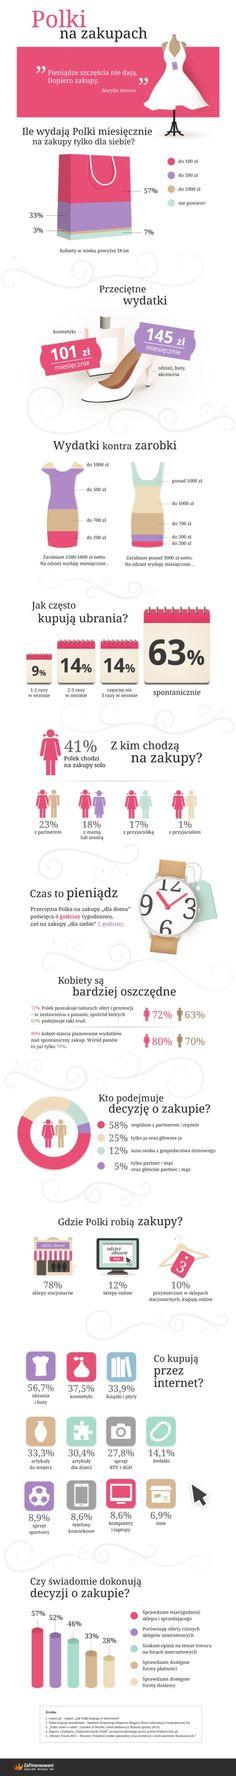 Polki na zakupach